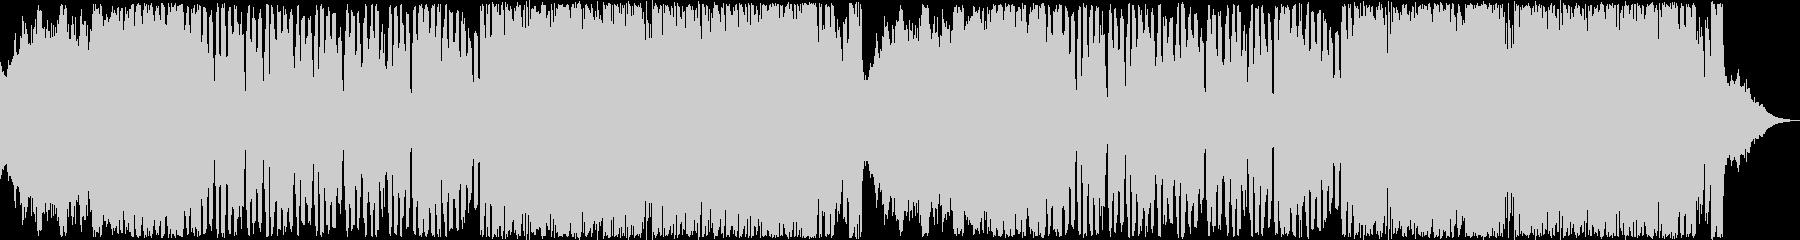 レトロゲーム風BGM(エンド、クリア)の未再生の波形